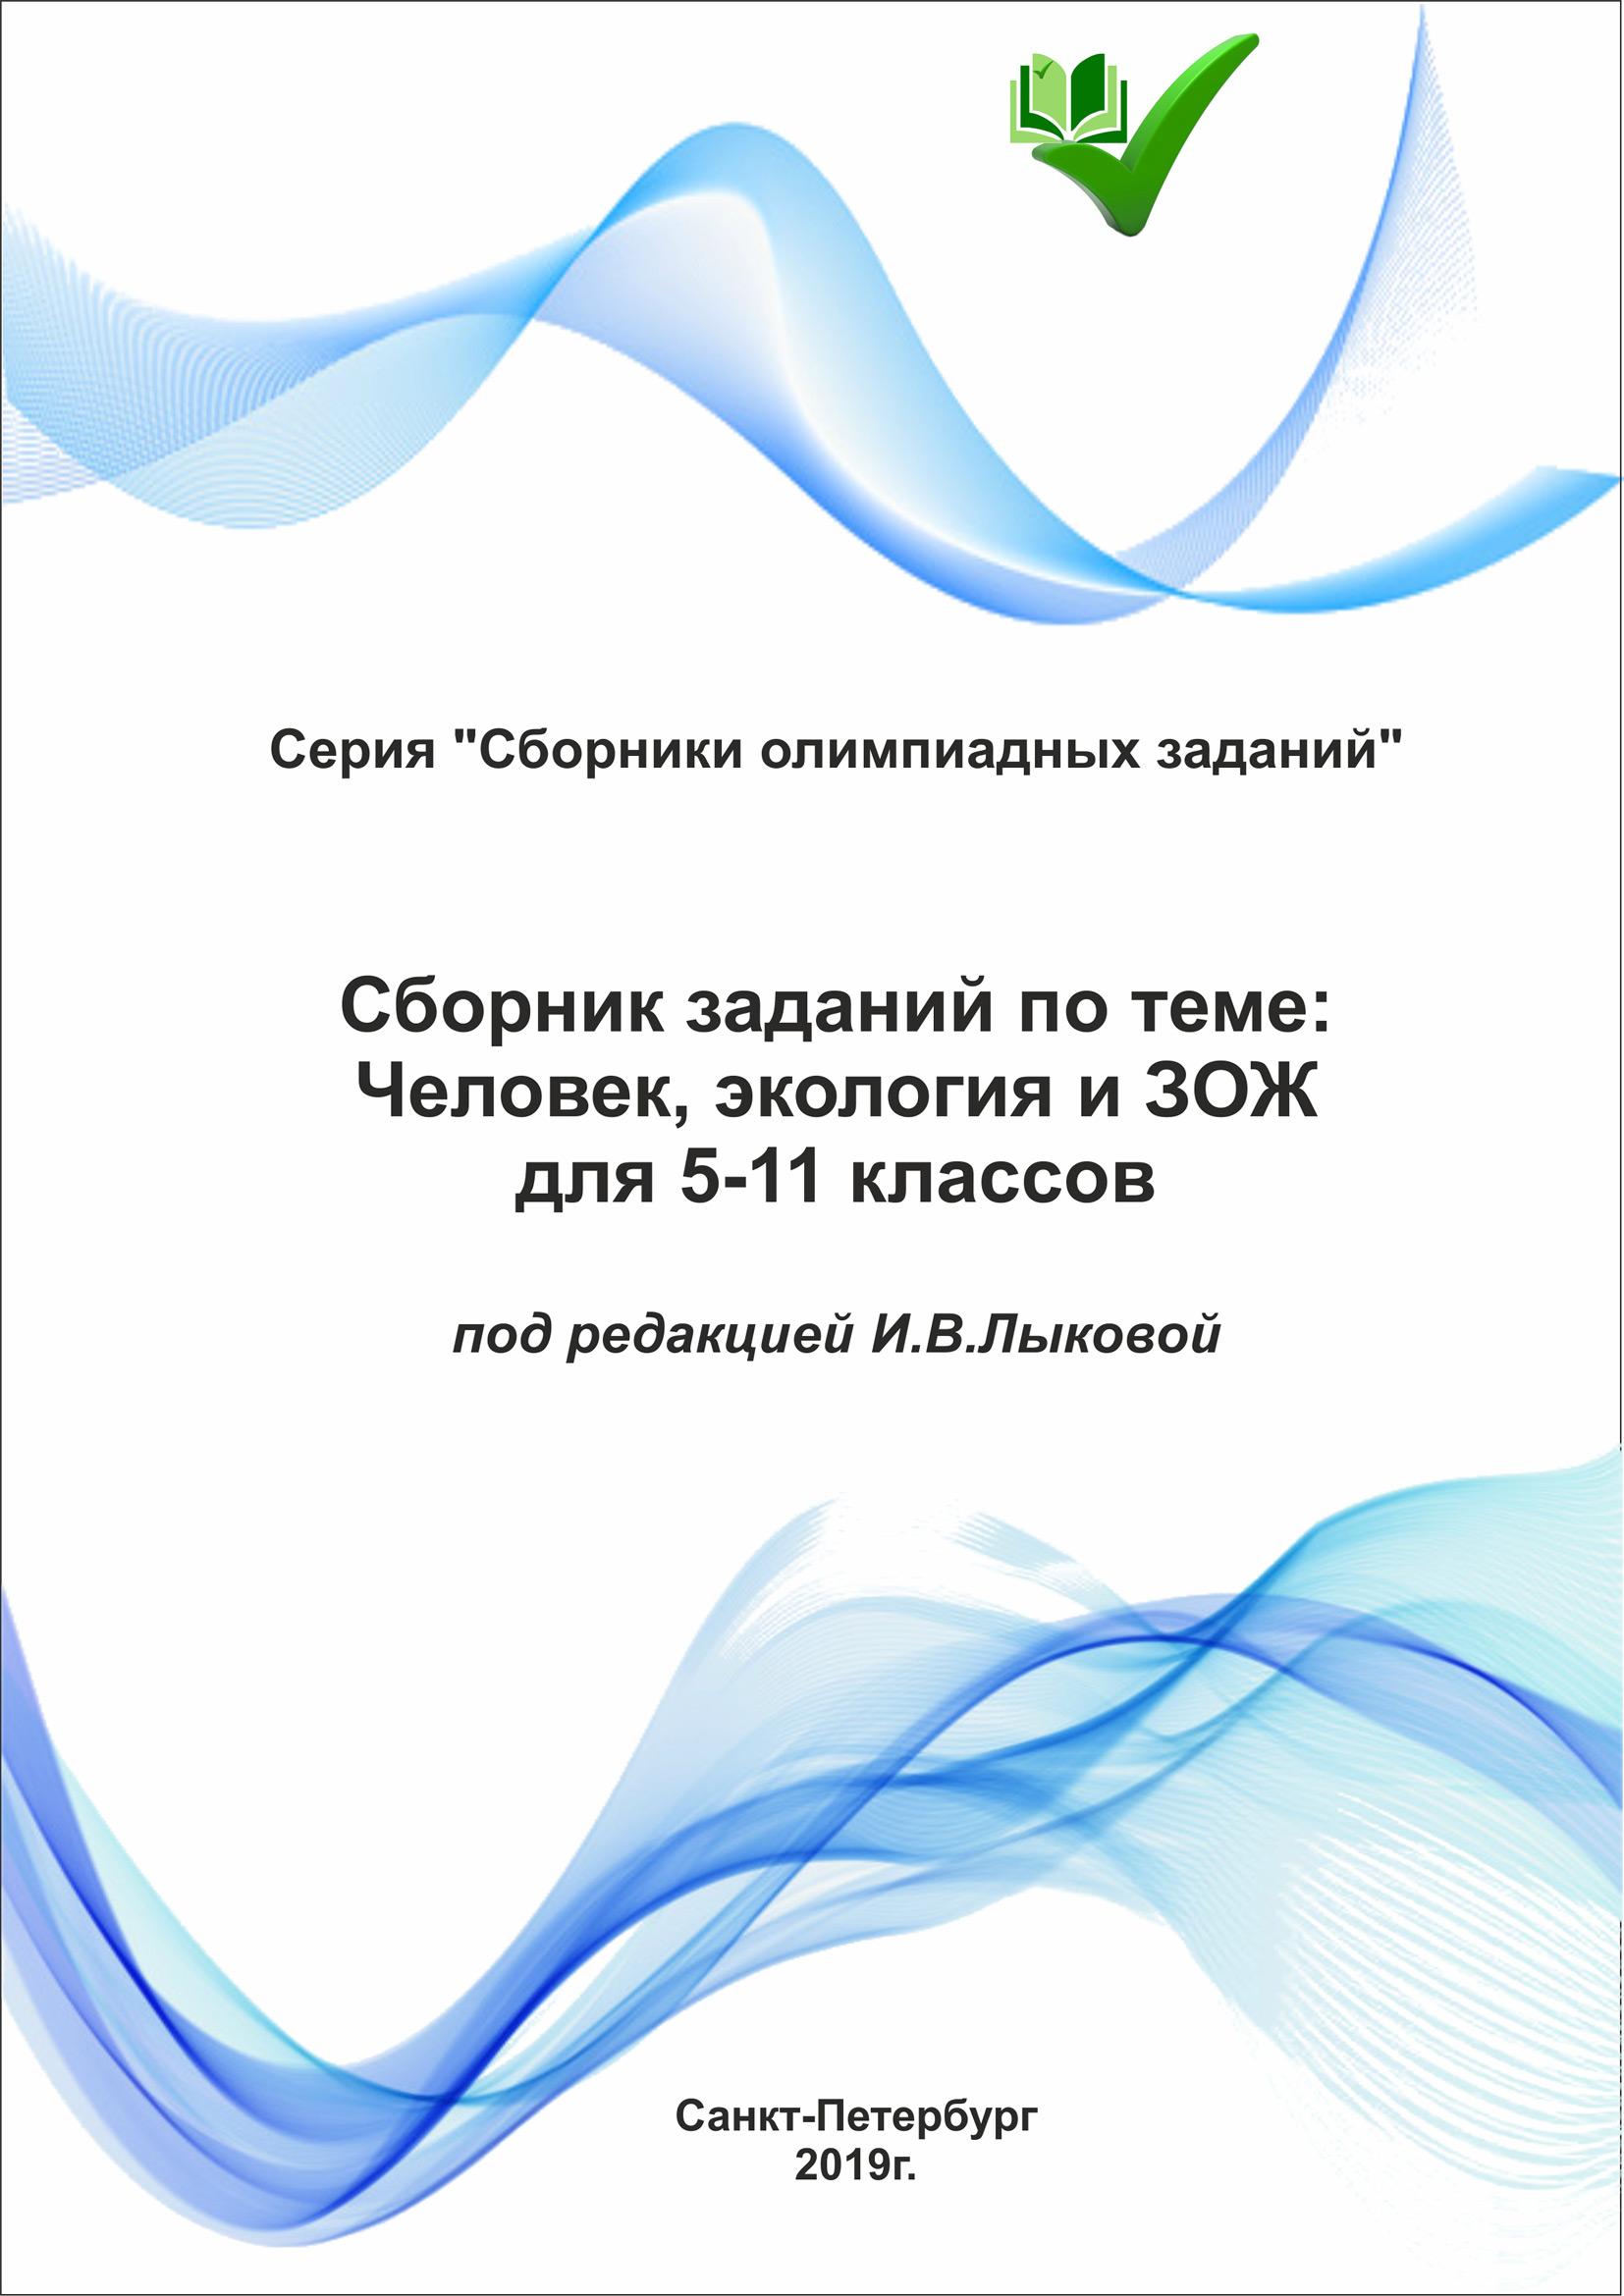 Сборник заданий по теме «Человек, экология и ЗОЖ» для 5–11 классов